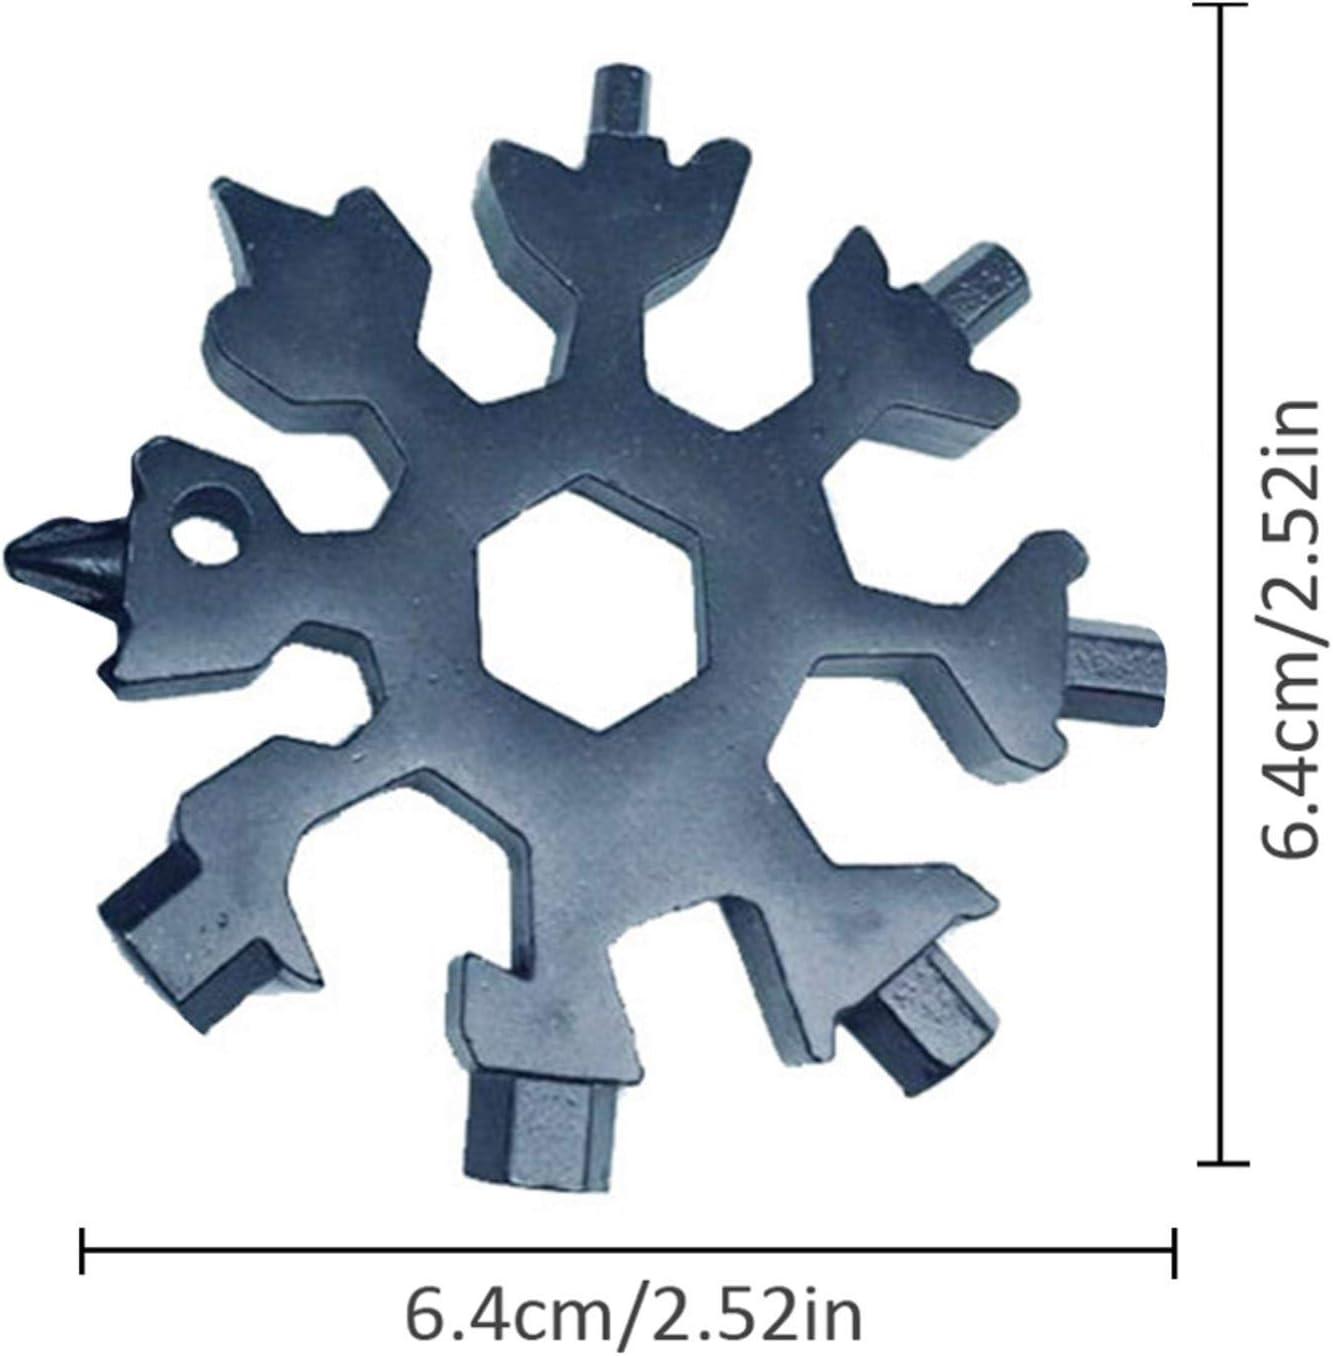 Outil Flocon Neige Outil multifonction en acier inoxydable 18-en-1,portatif Porte-cl/és Tournevis Ouvre Bouteille Outil Venez avec bo/îte-cadeau Pack de 2, Argent